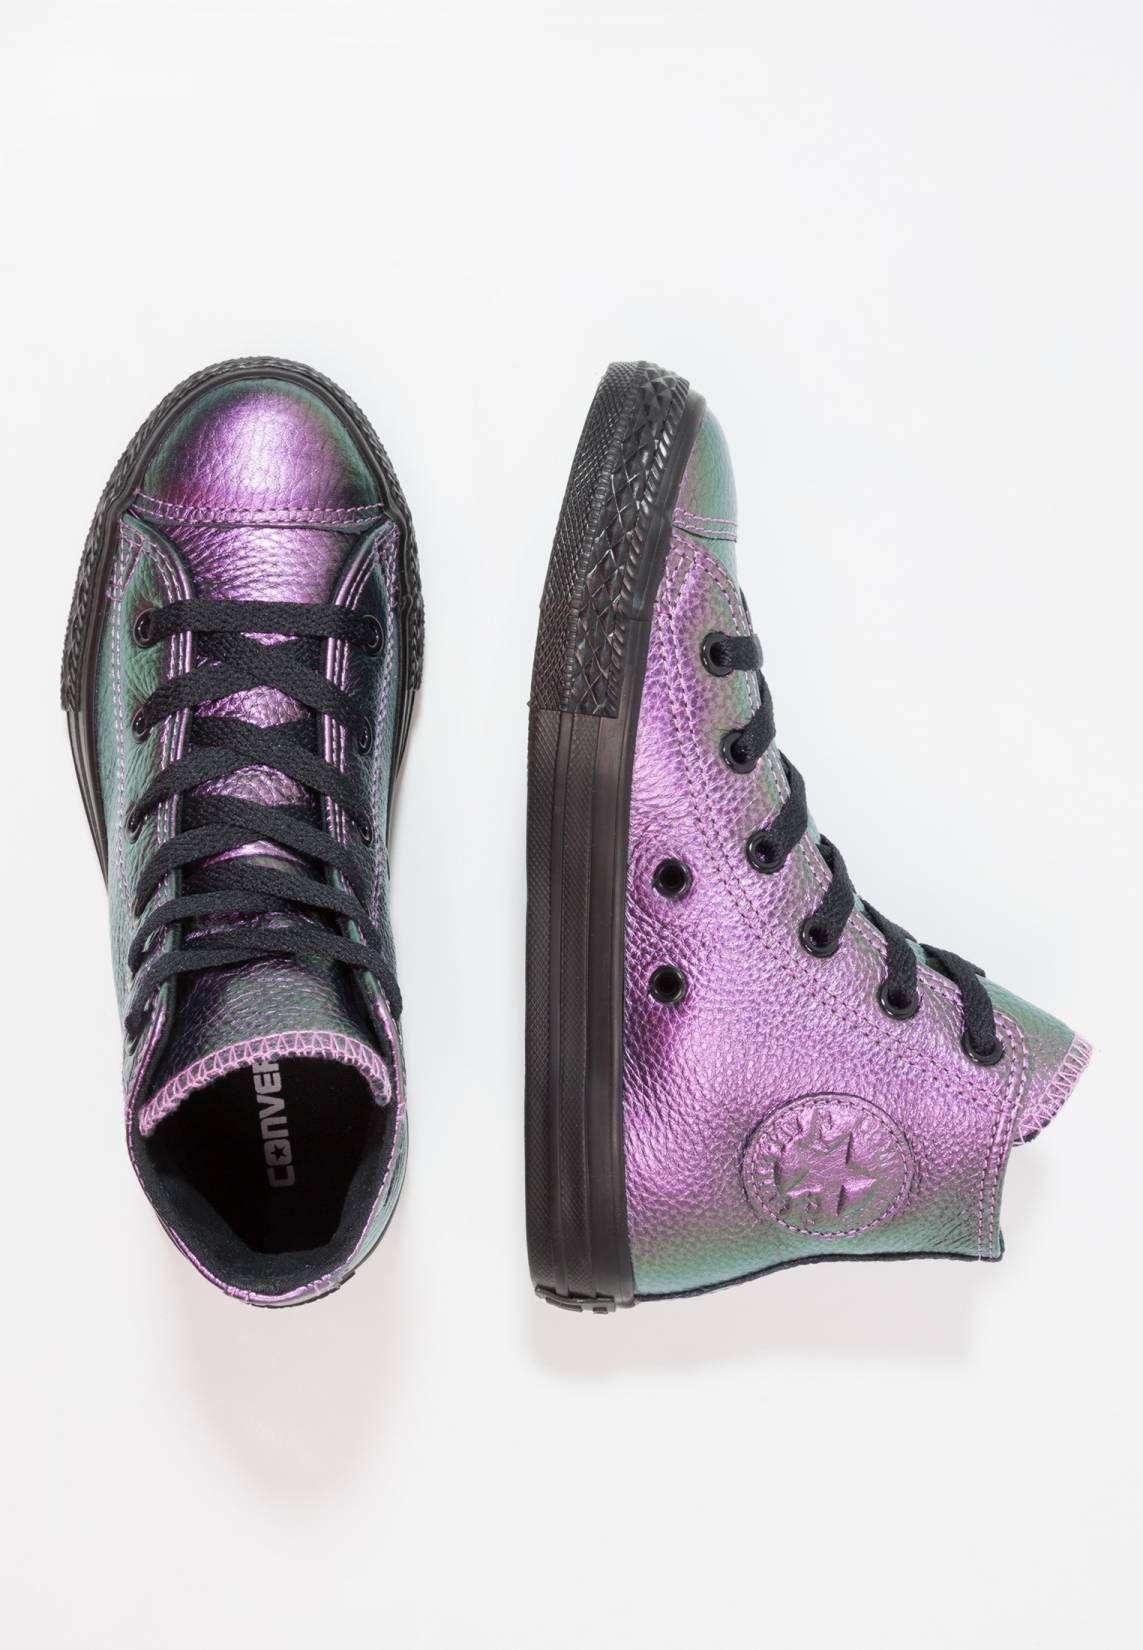 ce3eb5220fa29 Converse. CHUCK TAYLOR ALL STAR - HI - VIOLET BLACK BLACK - YOUTH - Zapatillas  altas - violet black. Suela fibra sintética. Plantilla tela.  Puntera redonda.